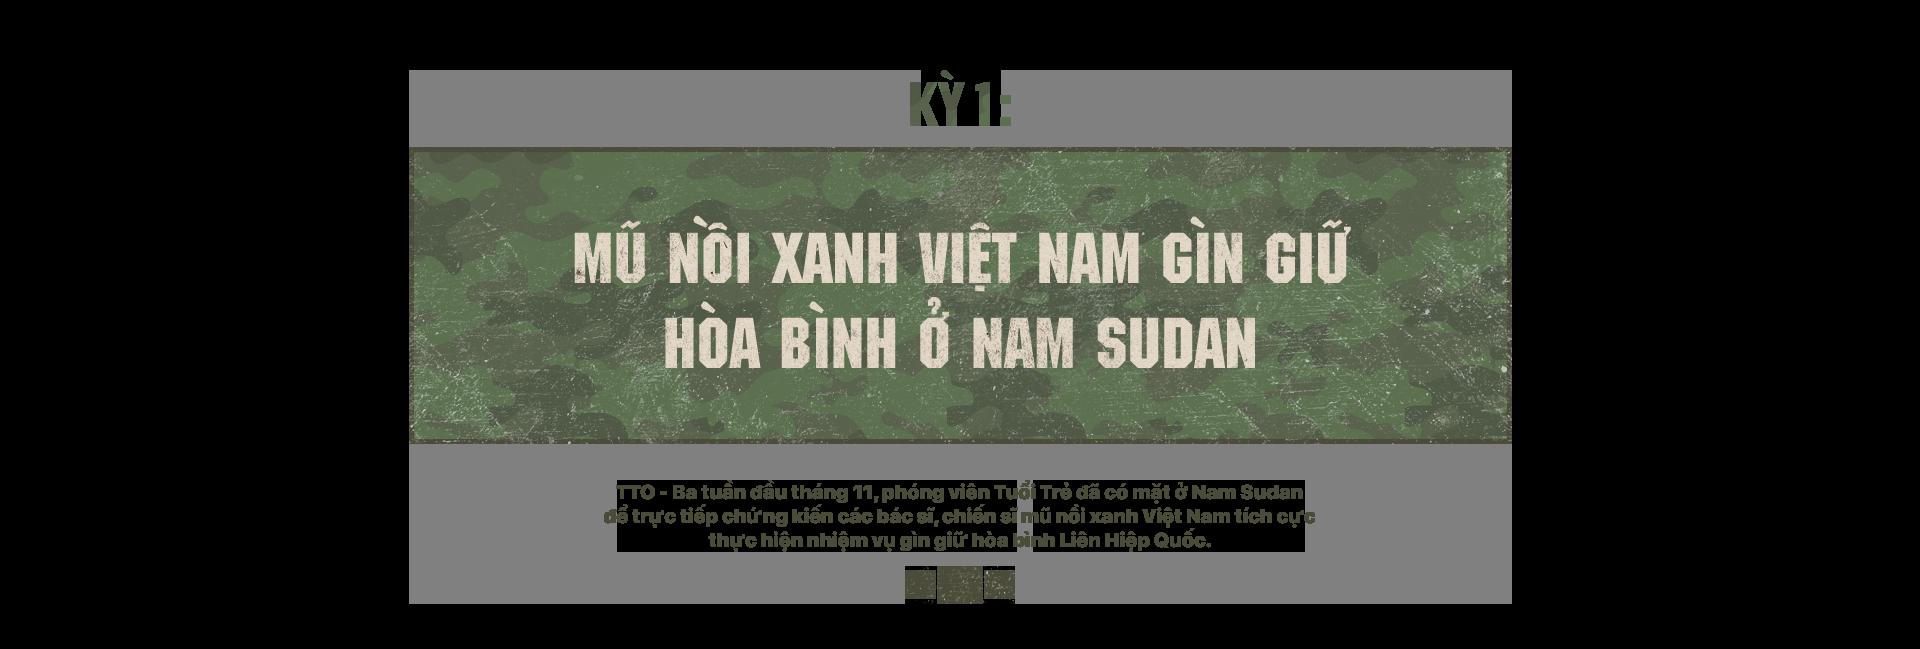 Kỳ 1: Mũ nồi xanh Việt Nam gìn giữ hòa bình ở Nam Sudan - Ảnh 1.